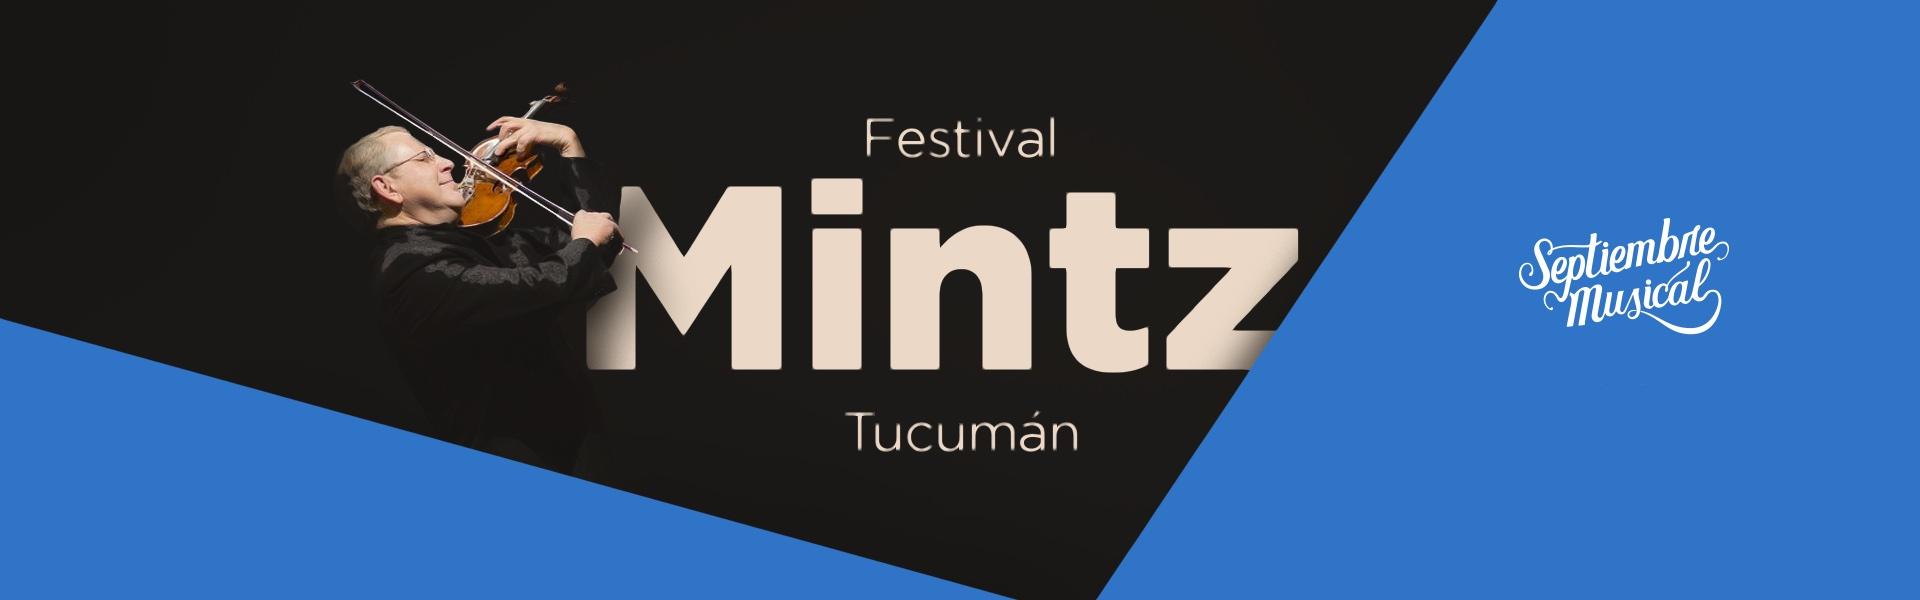 festival Mintz tucumán